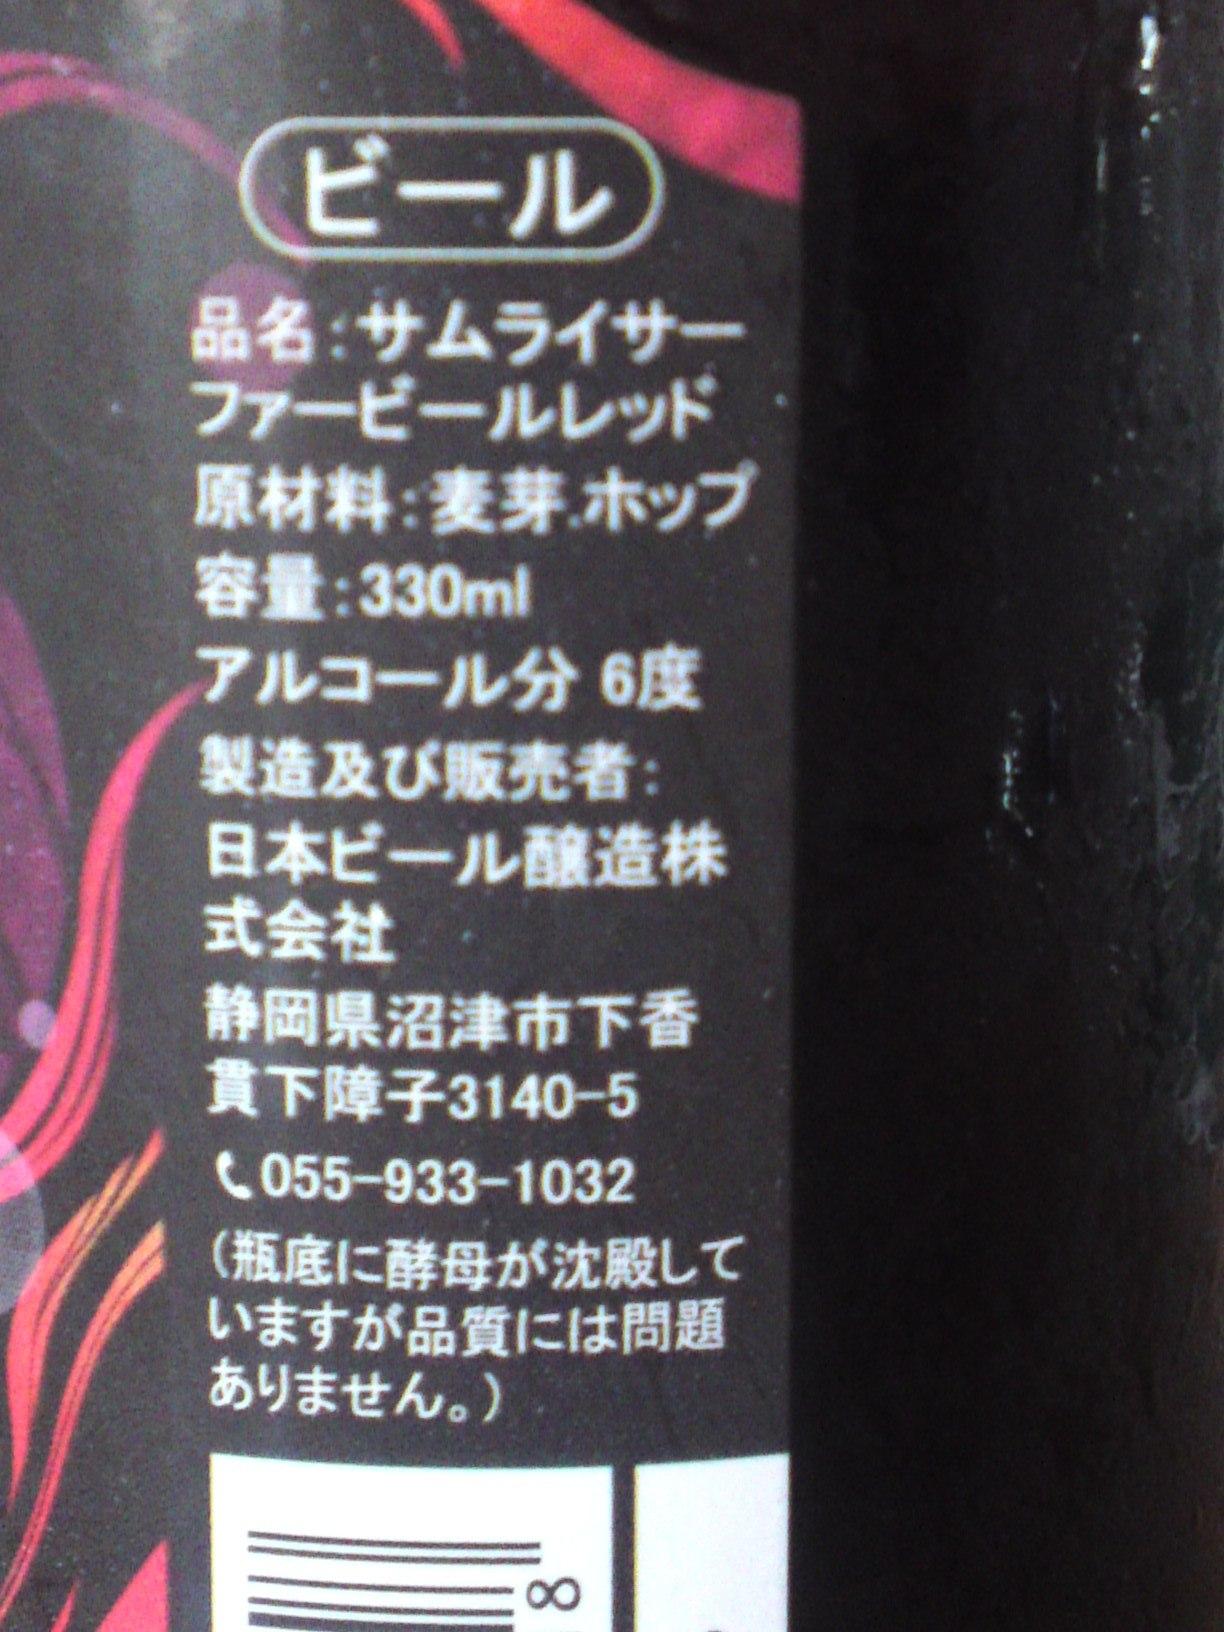 SN3O4551